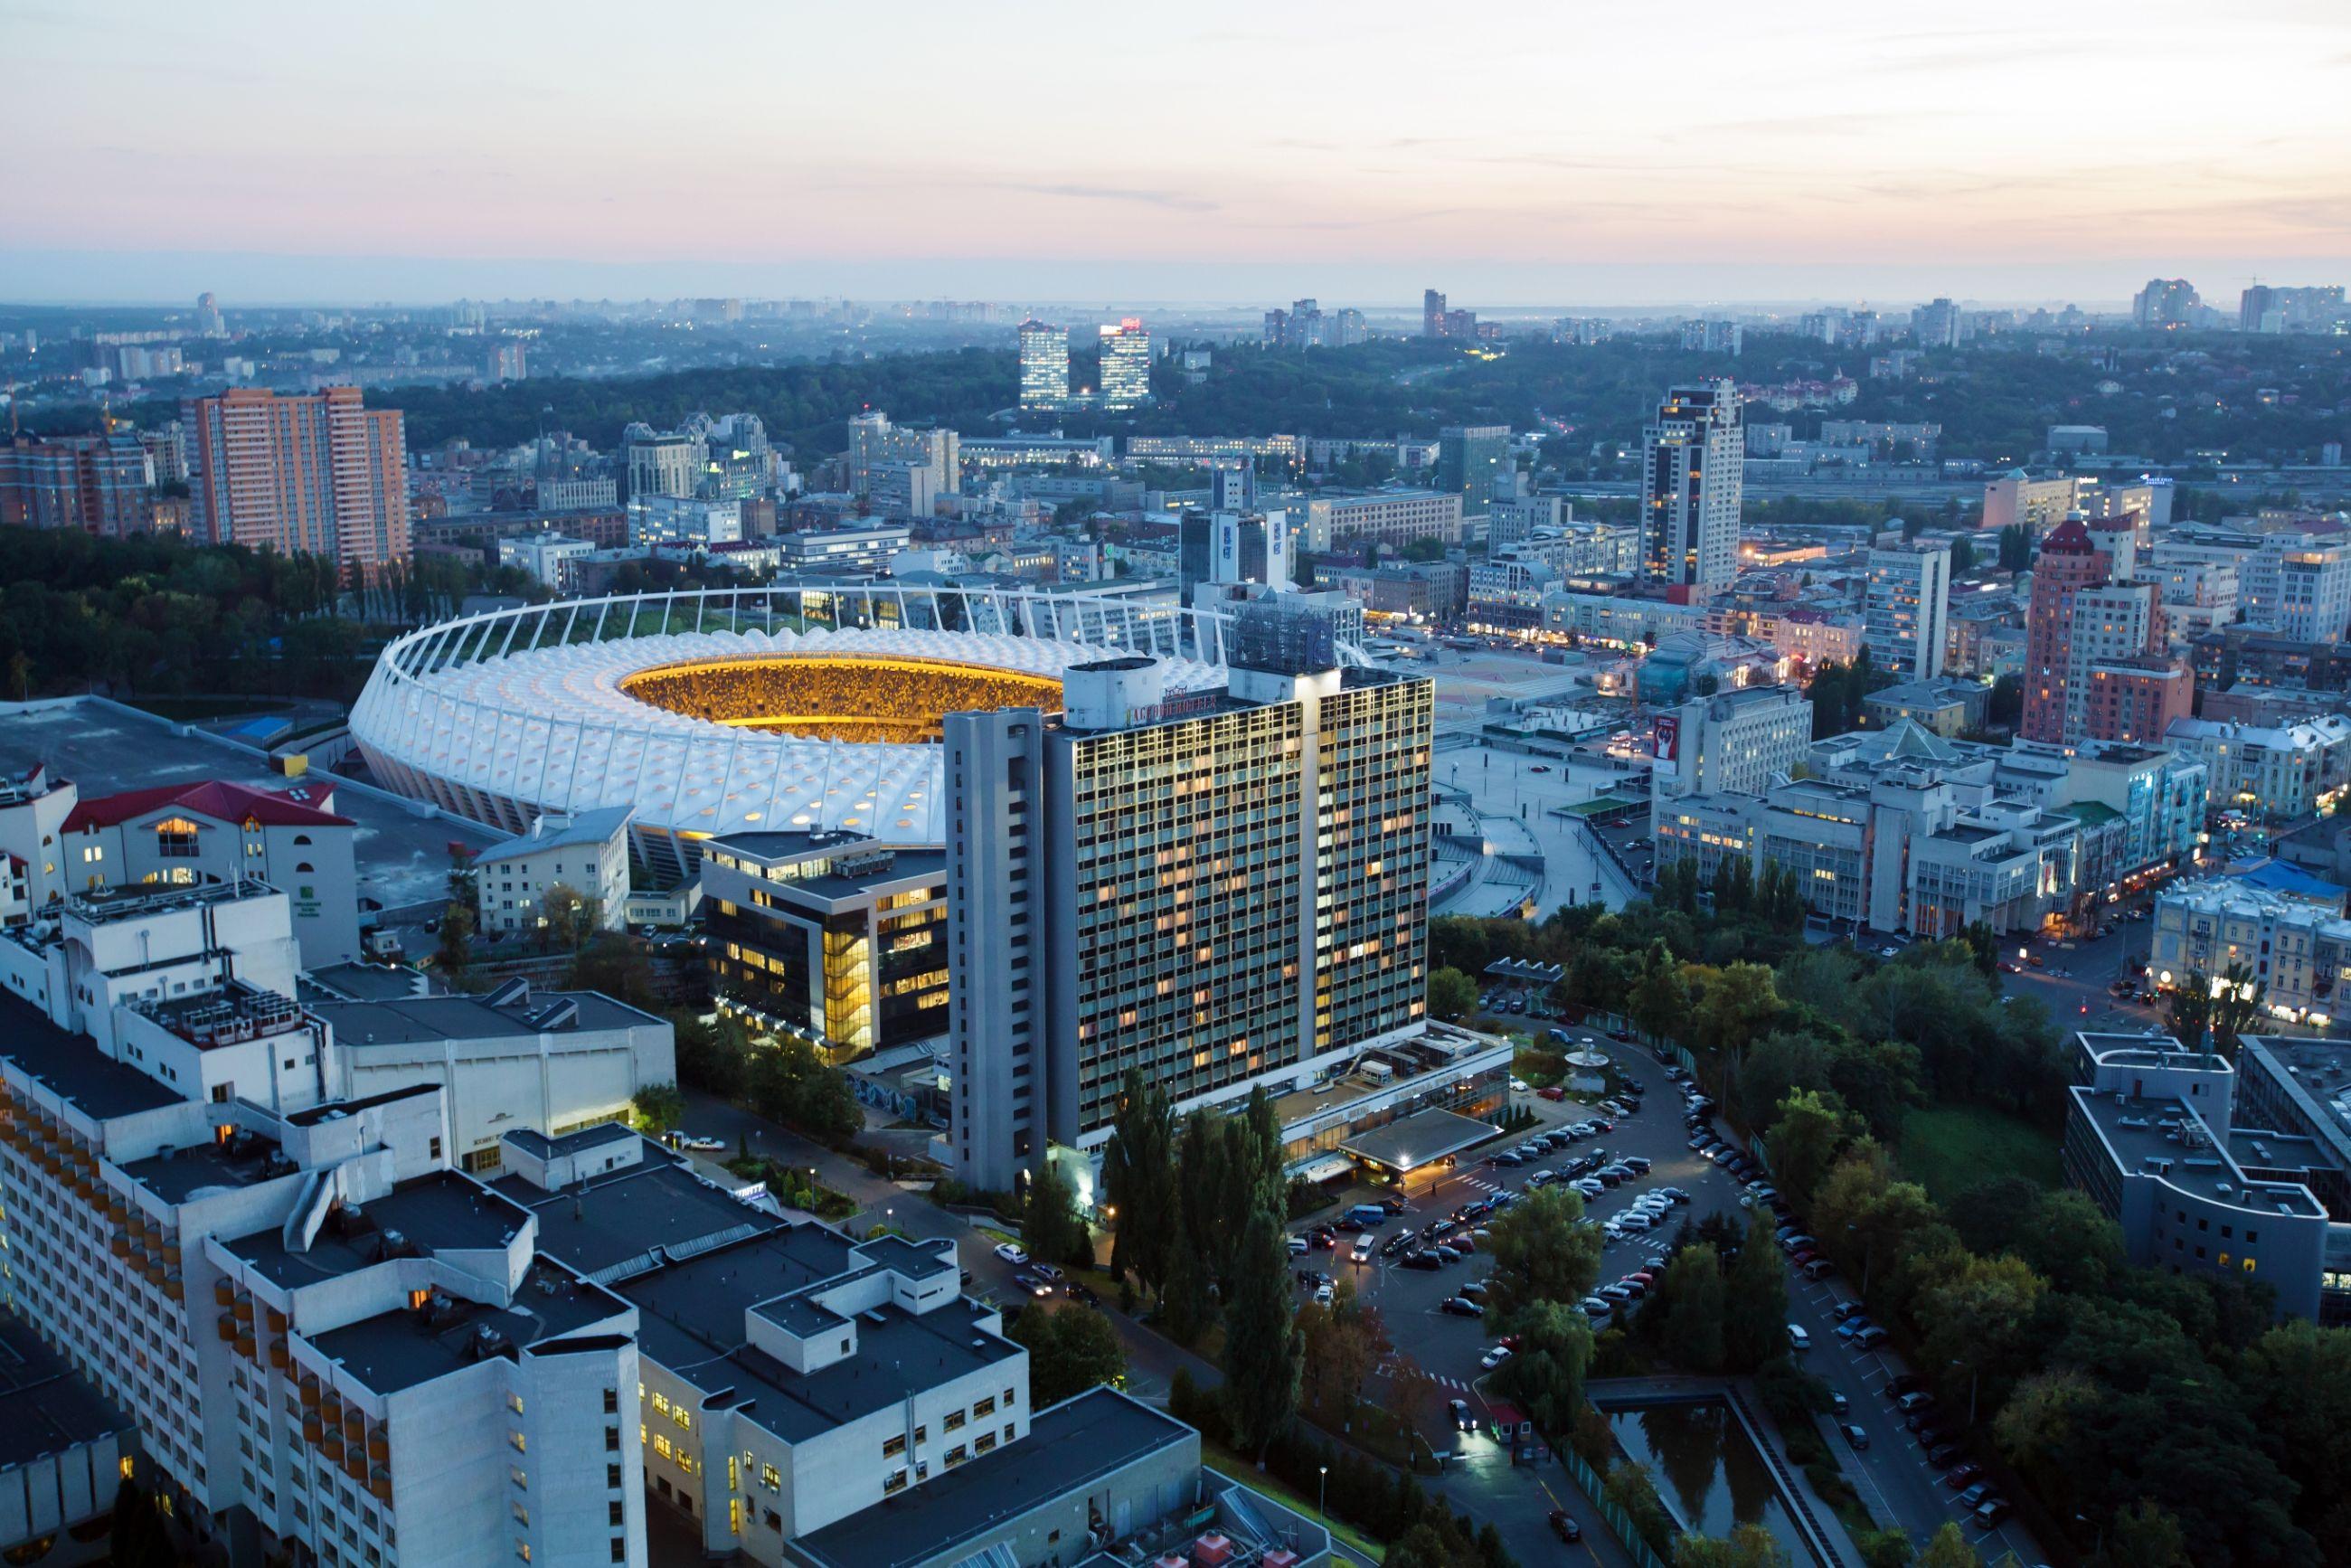 IMG_5870_hotel_rus_FULL